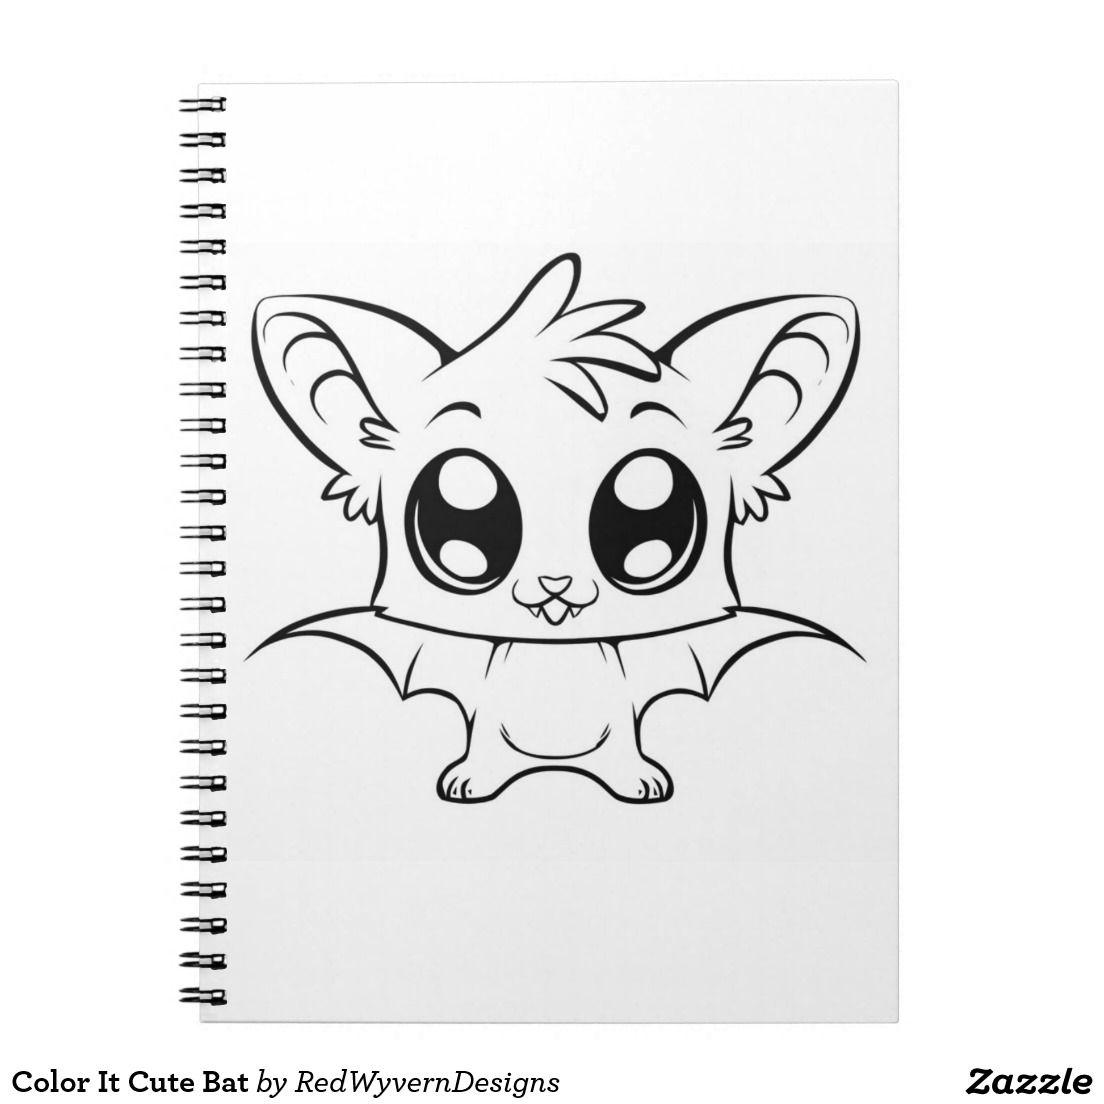 Color It Cute Bat Notebook Zazzle Com In 2021 Bat Coloring Pages Cute Coloring Pages Cartoon Coloring Pages